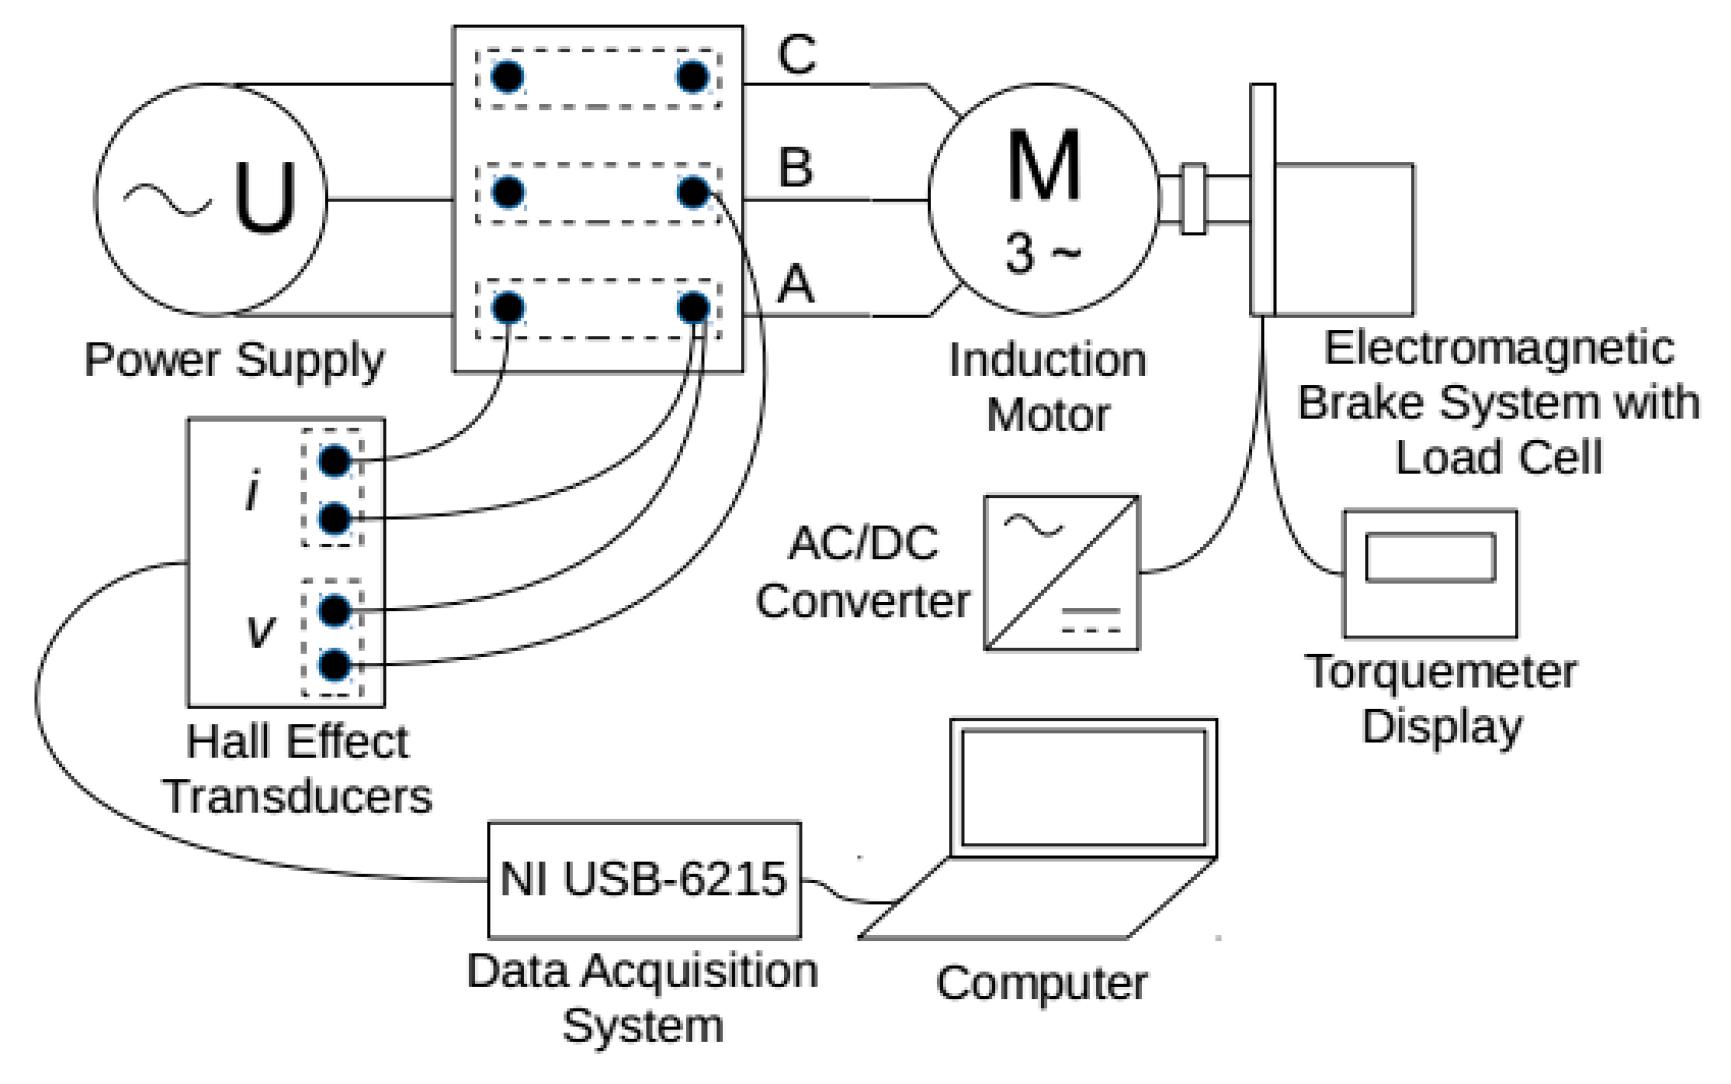 Break Test On 3 Phase Induction Motor